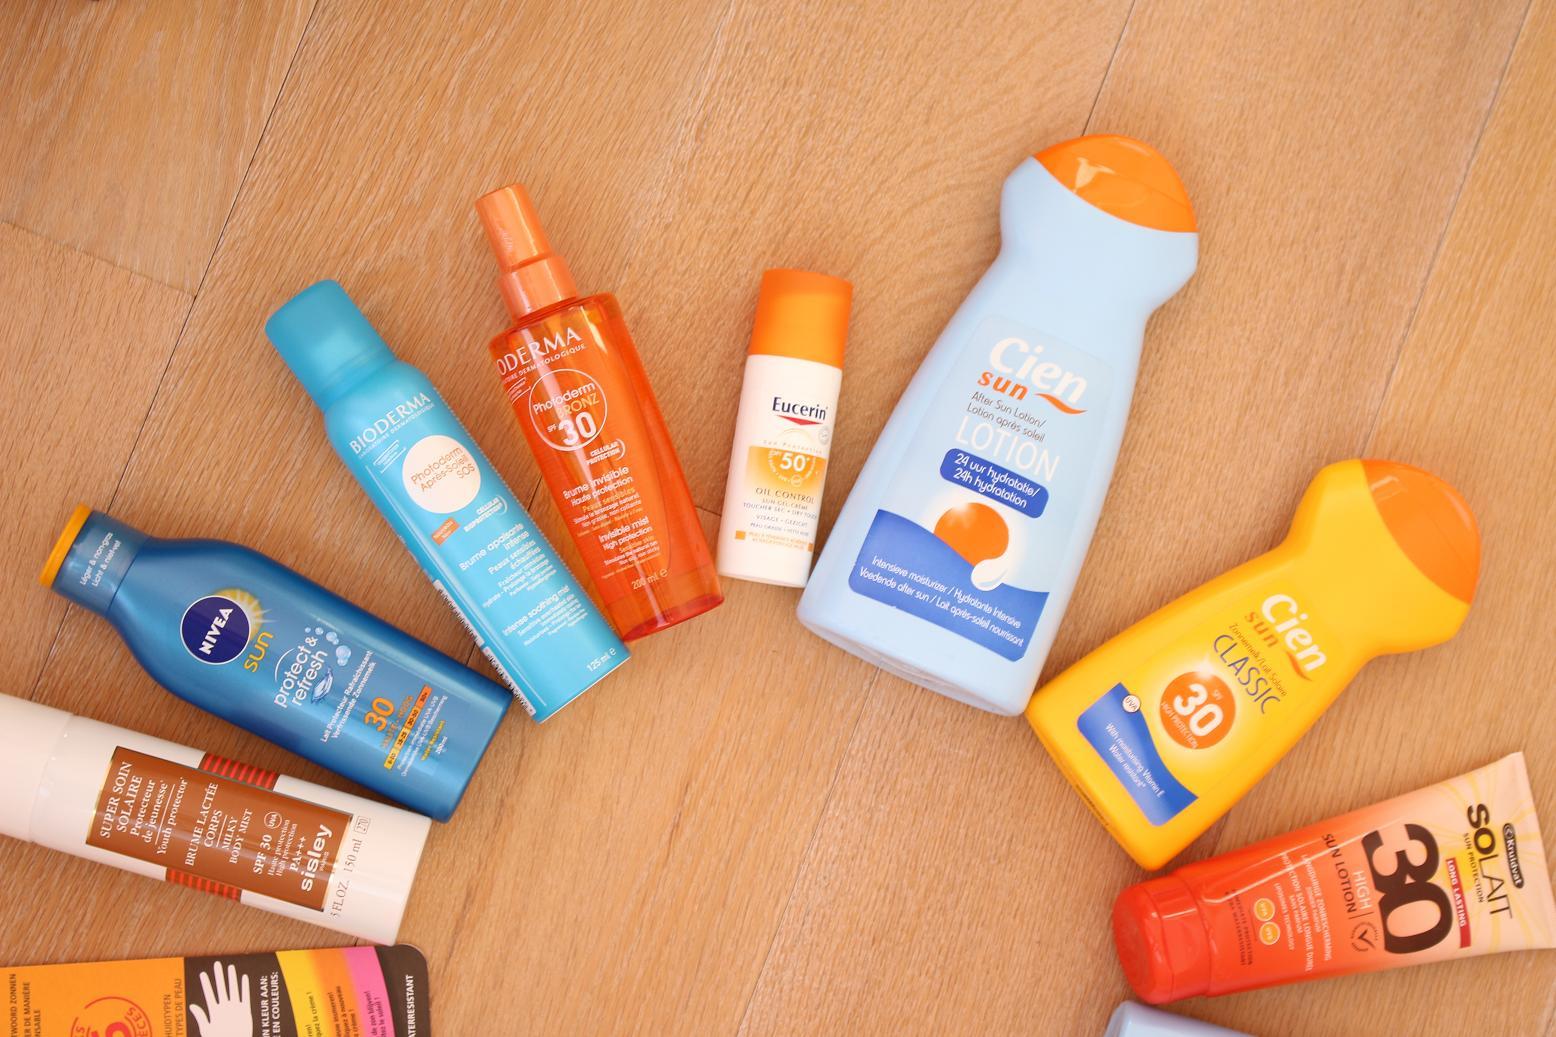 cien sunscreen review